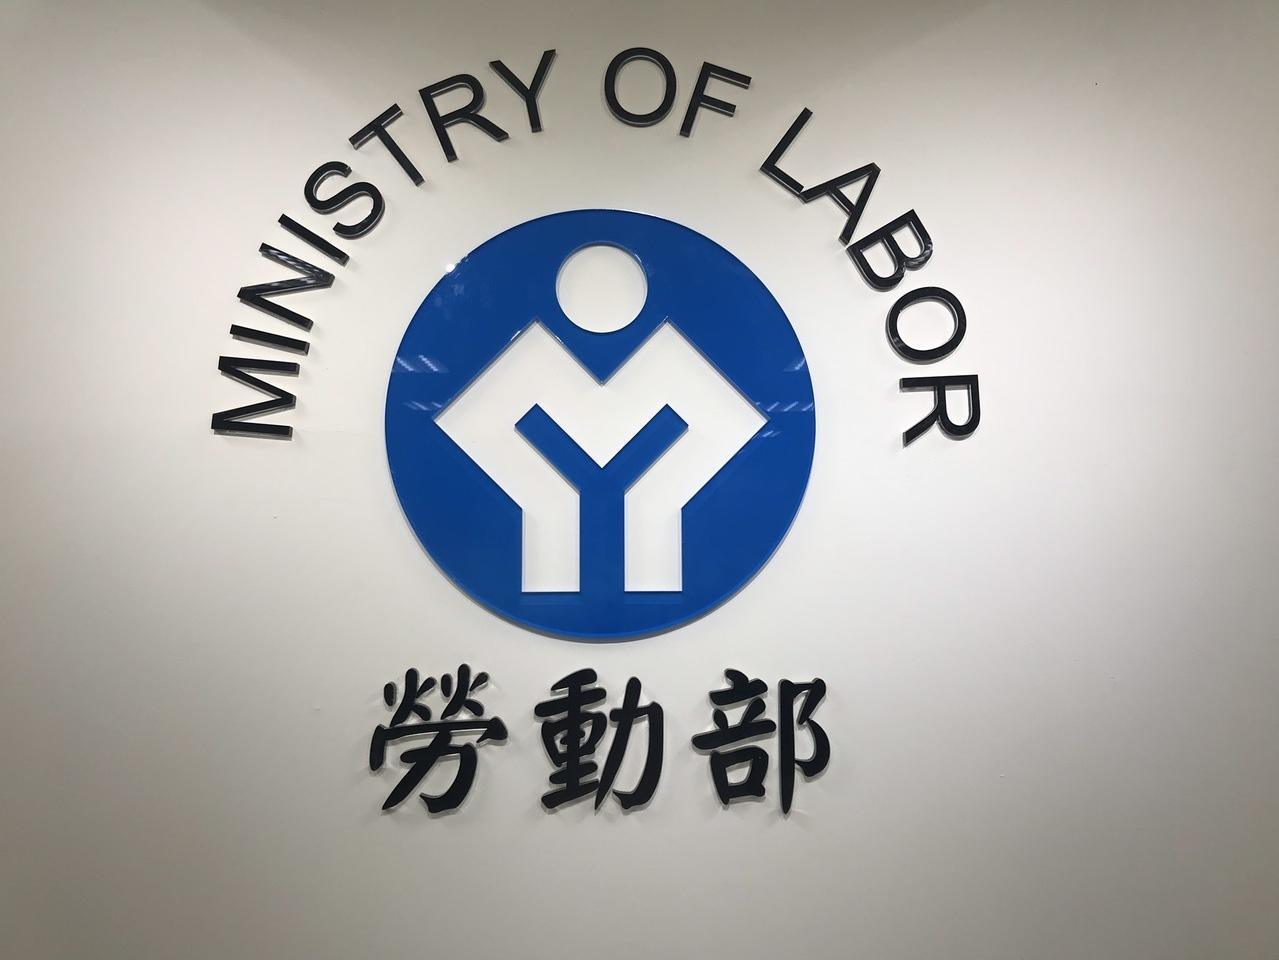 勞動部日前公告擴大補助企業「推動工作生活平衡措施」,放寬申請至9月30日止。記者葉冠/攝影